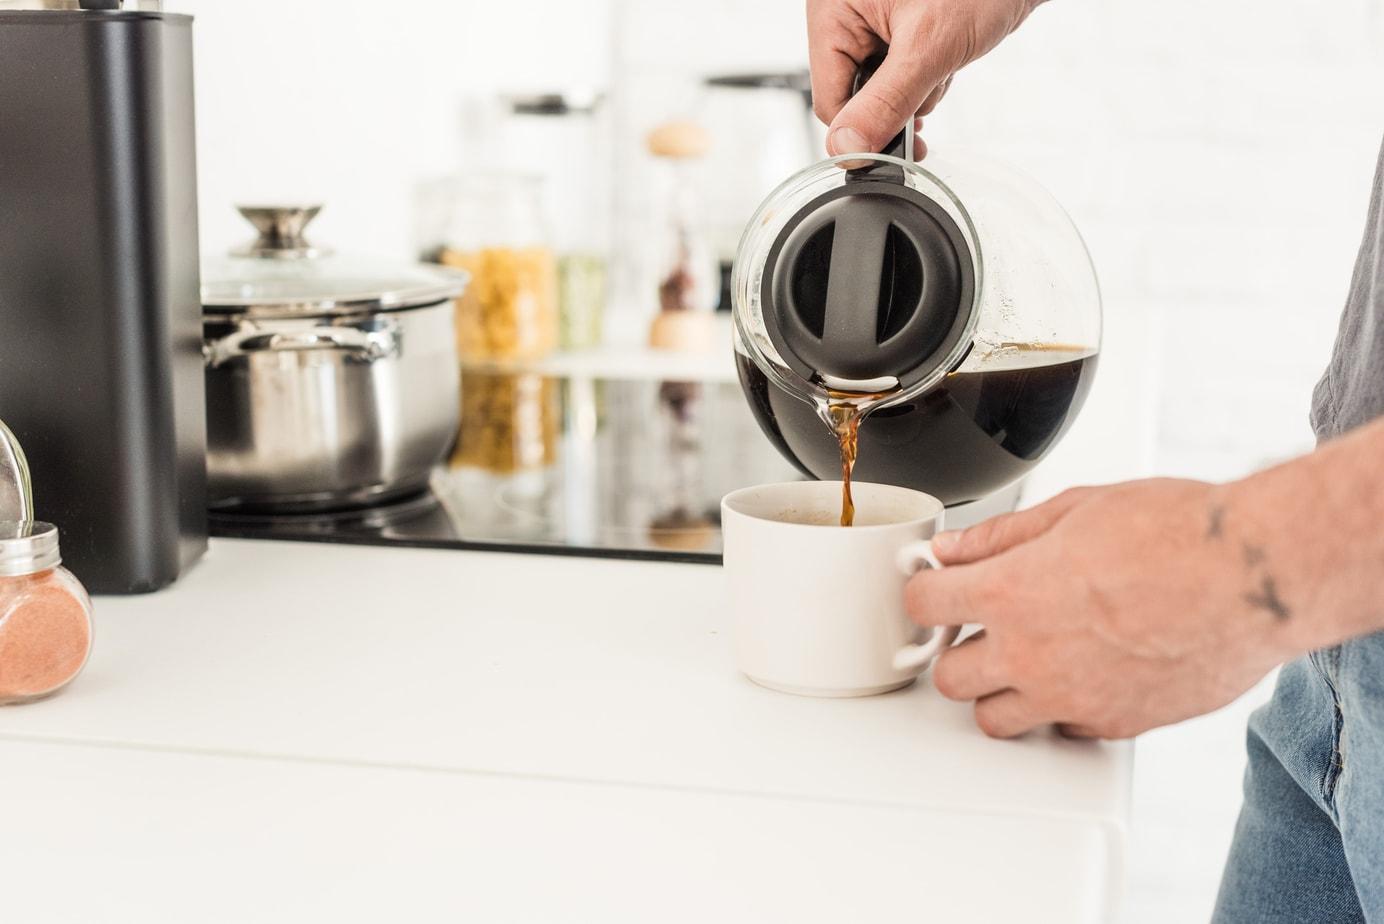 Troubleshooting Keurig Single Cup Coffee Maker - Image of ...